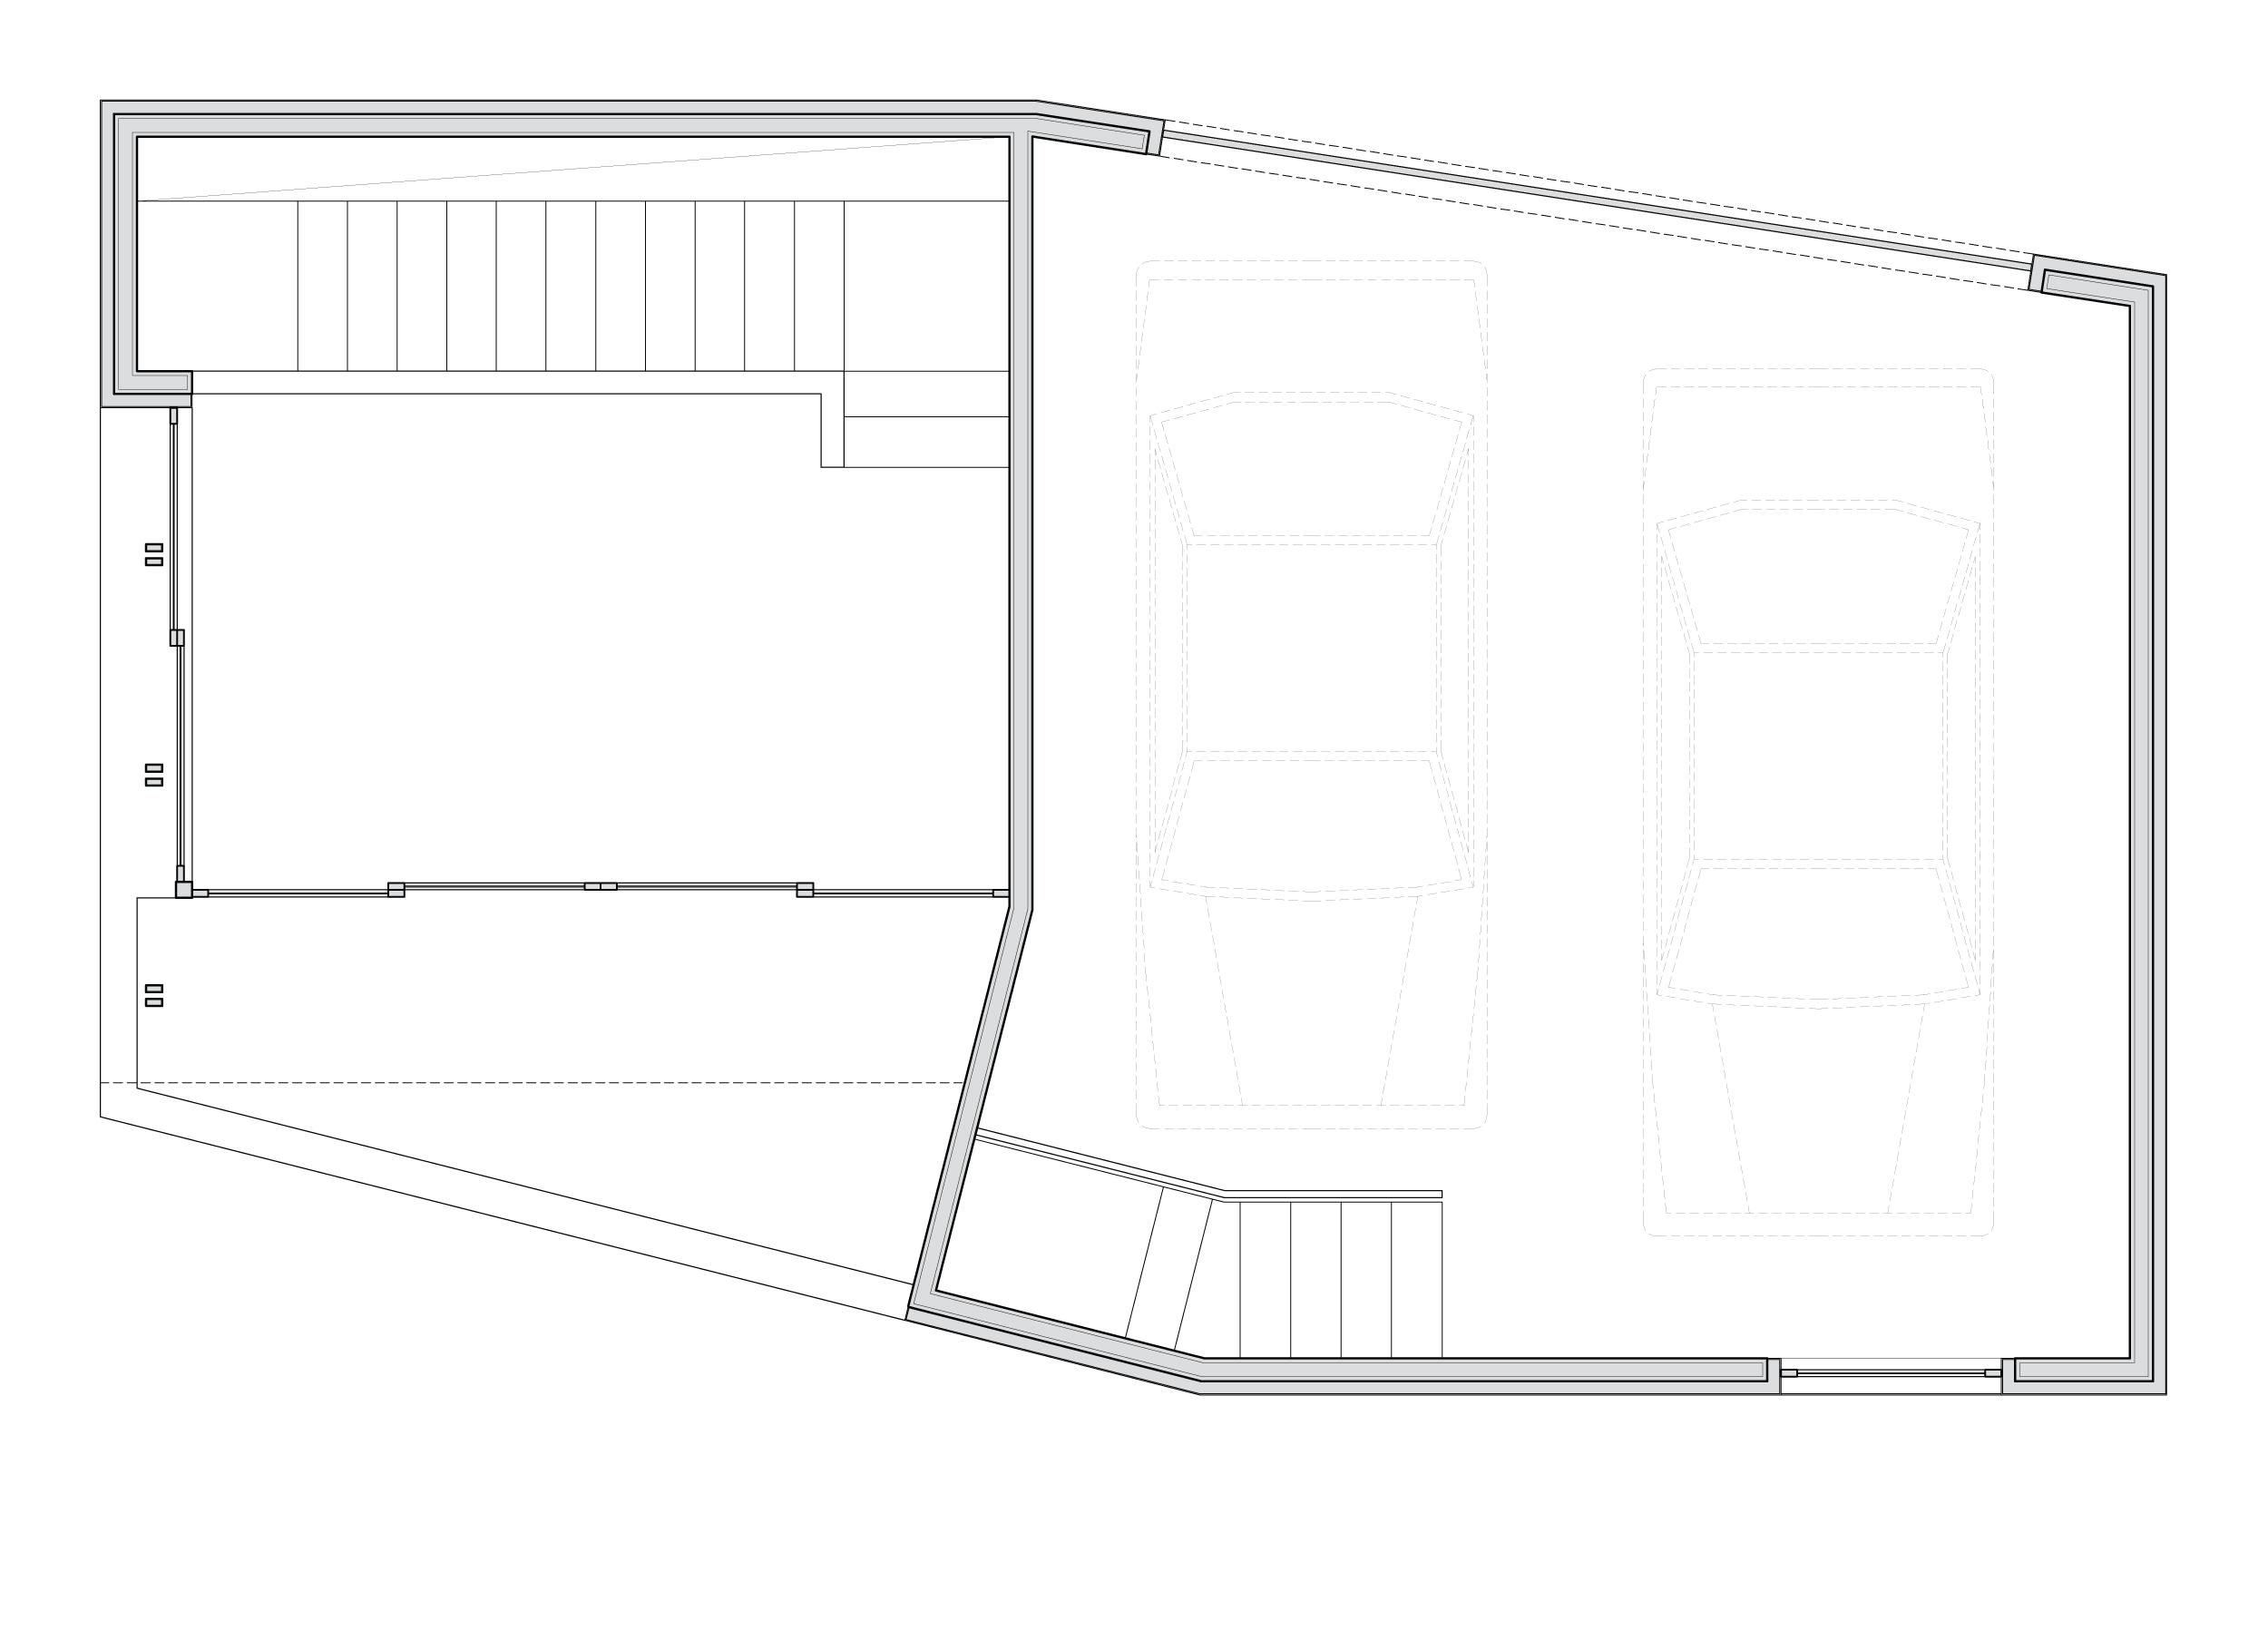 Second-floor plan.